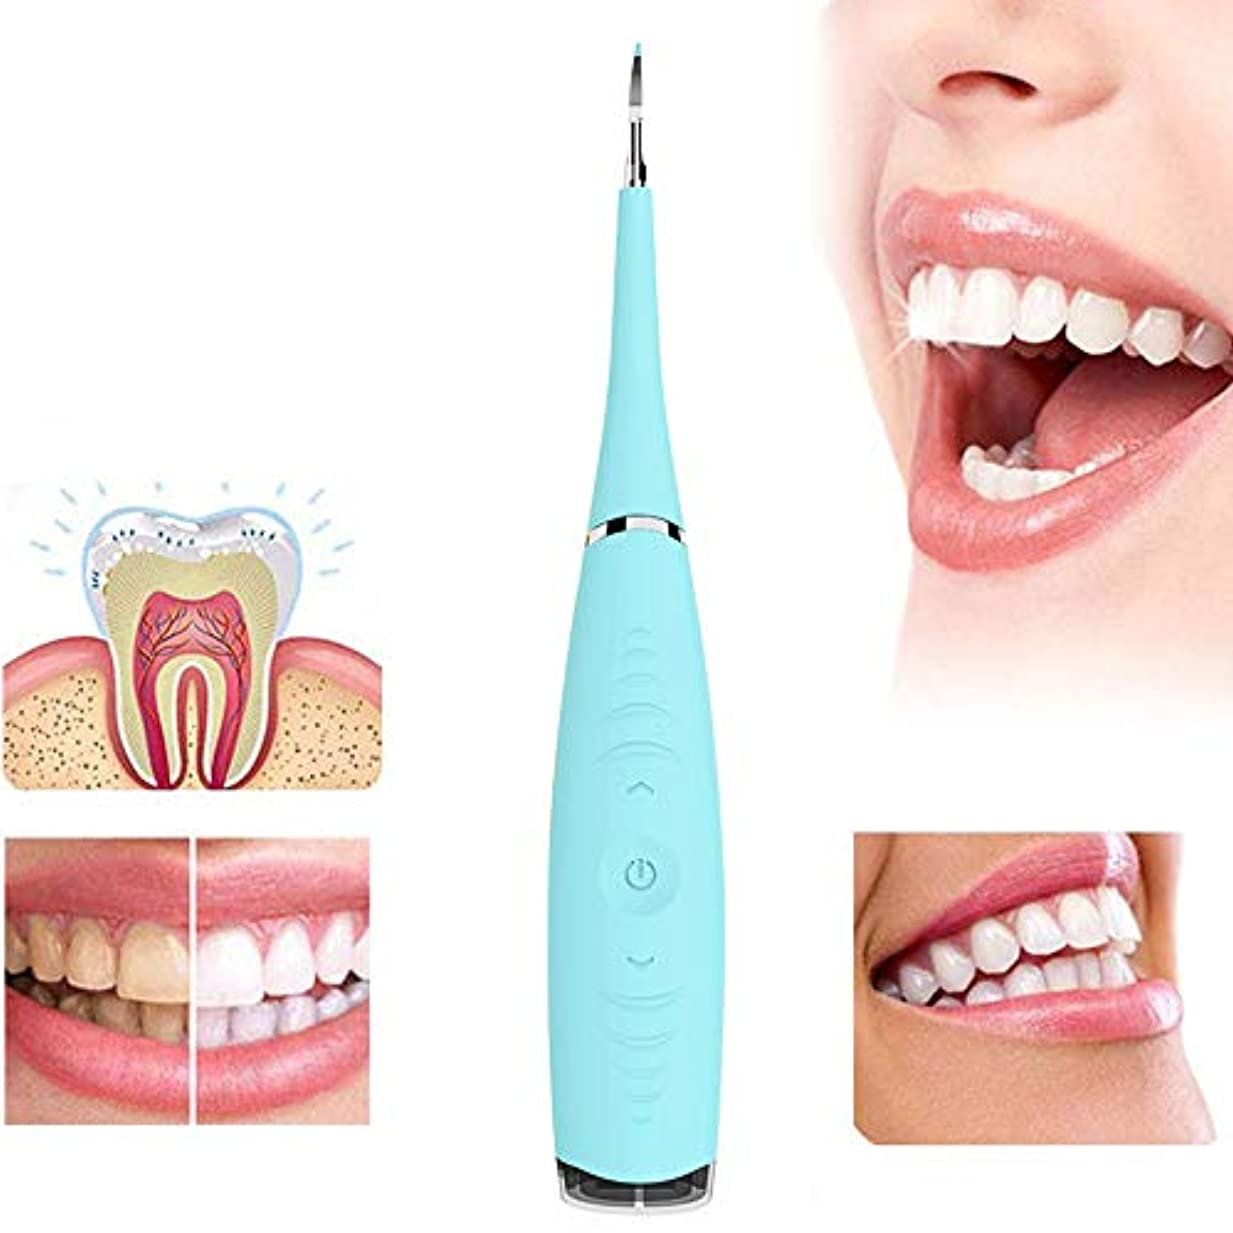 値レイと闘う歯をホワイトニング電動歯石除去ツール防水ステンレス鋼歯石スクレーパー歯のクリーニング消しゴム